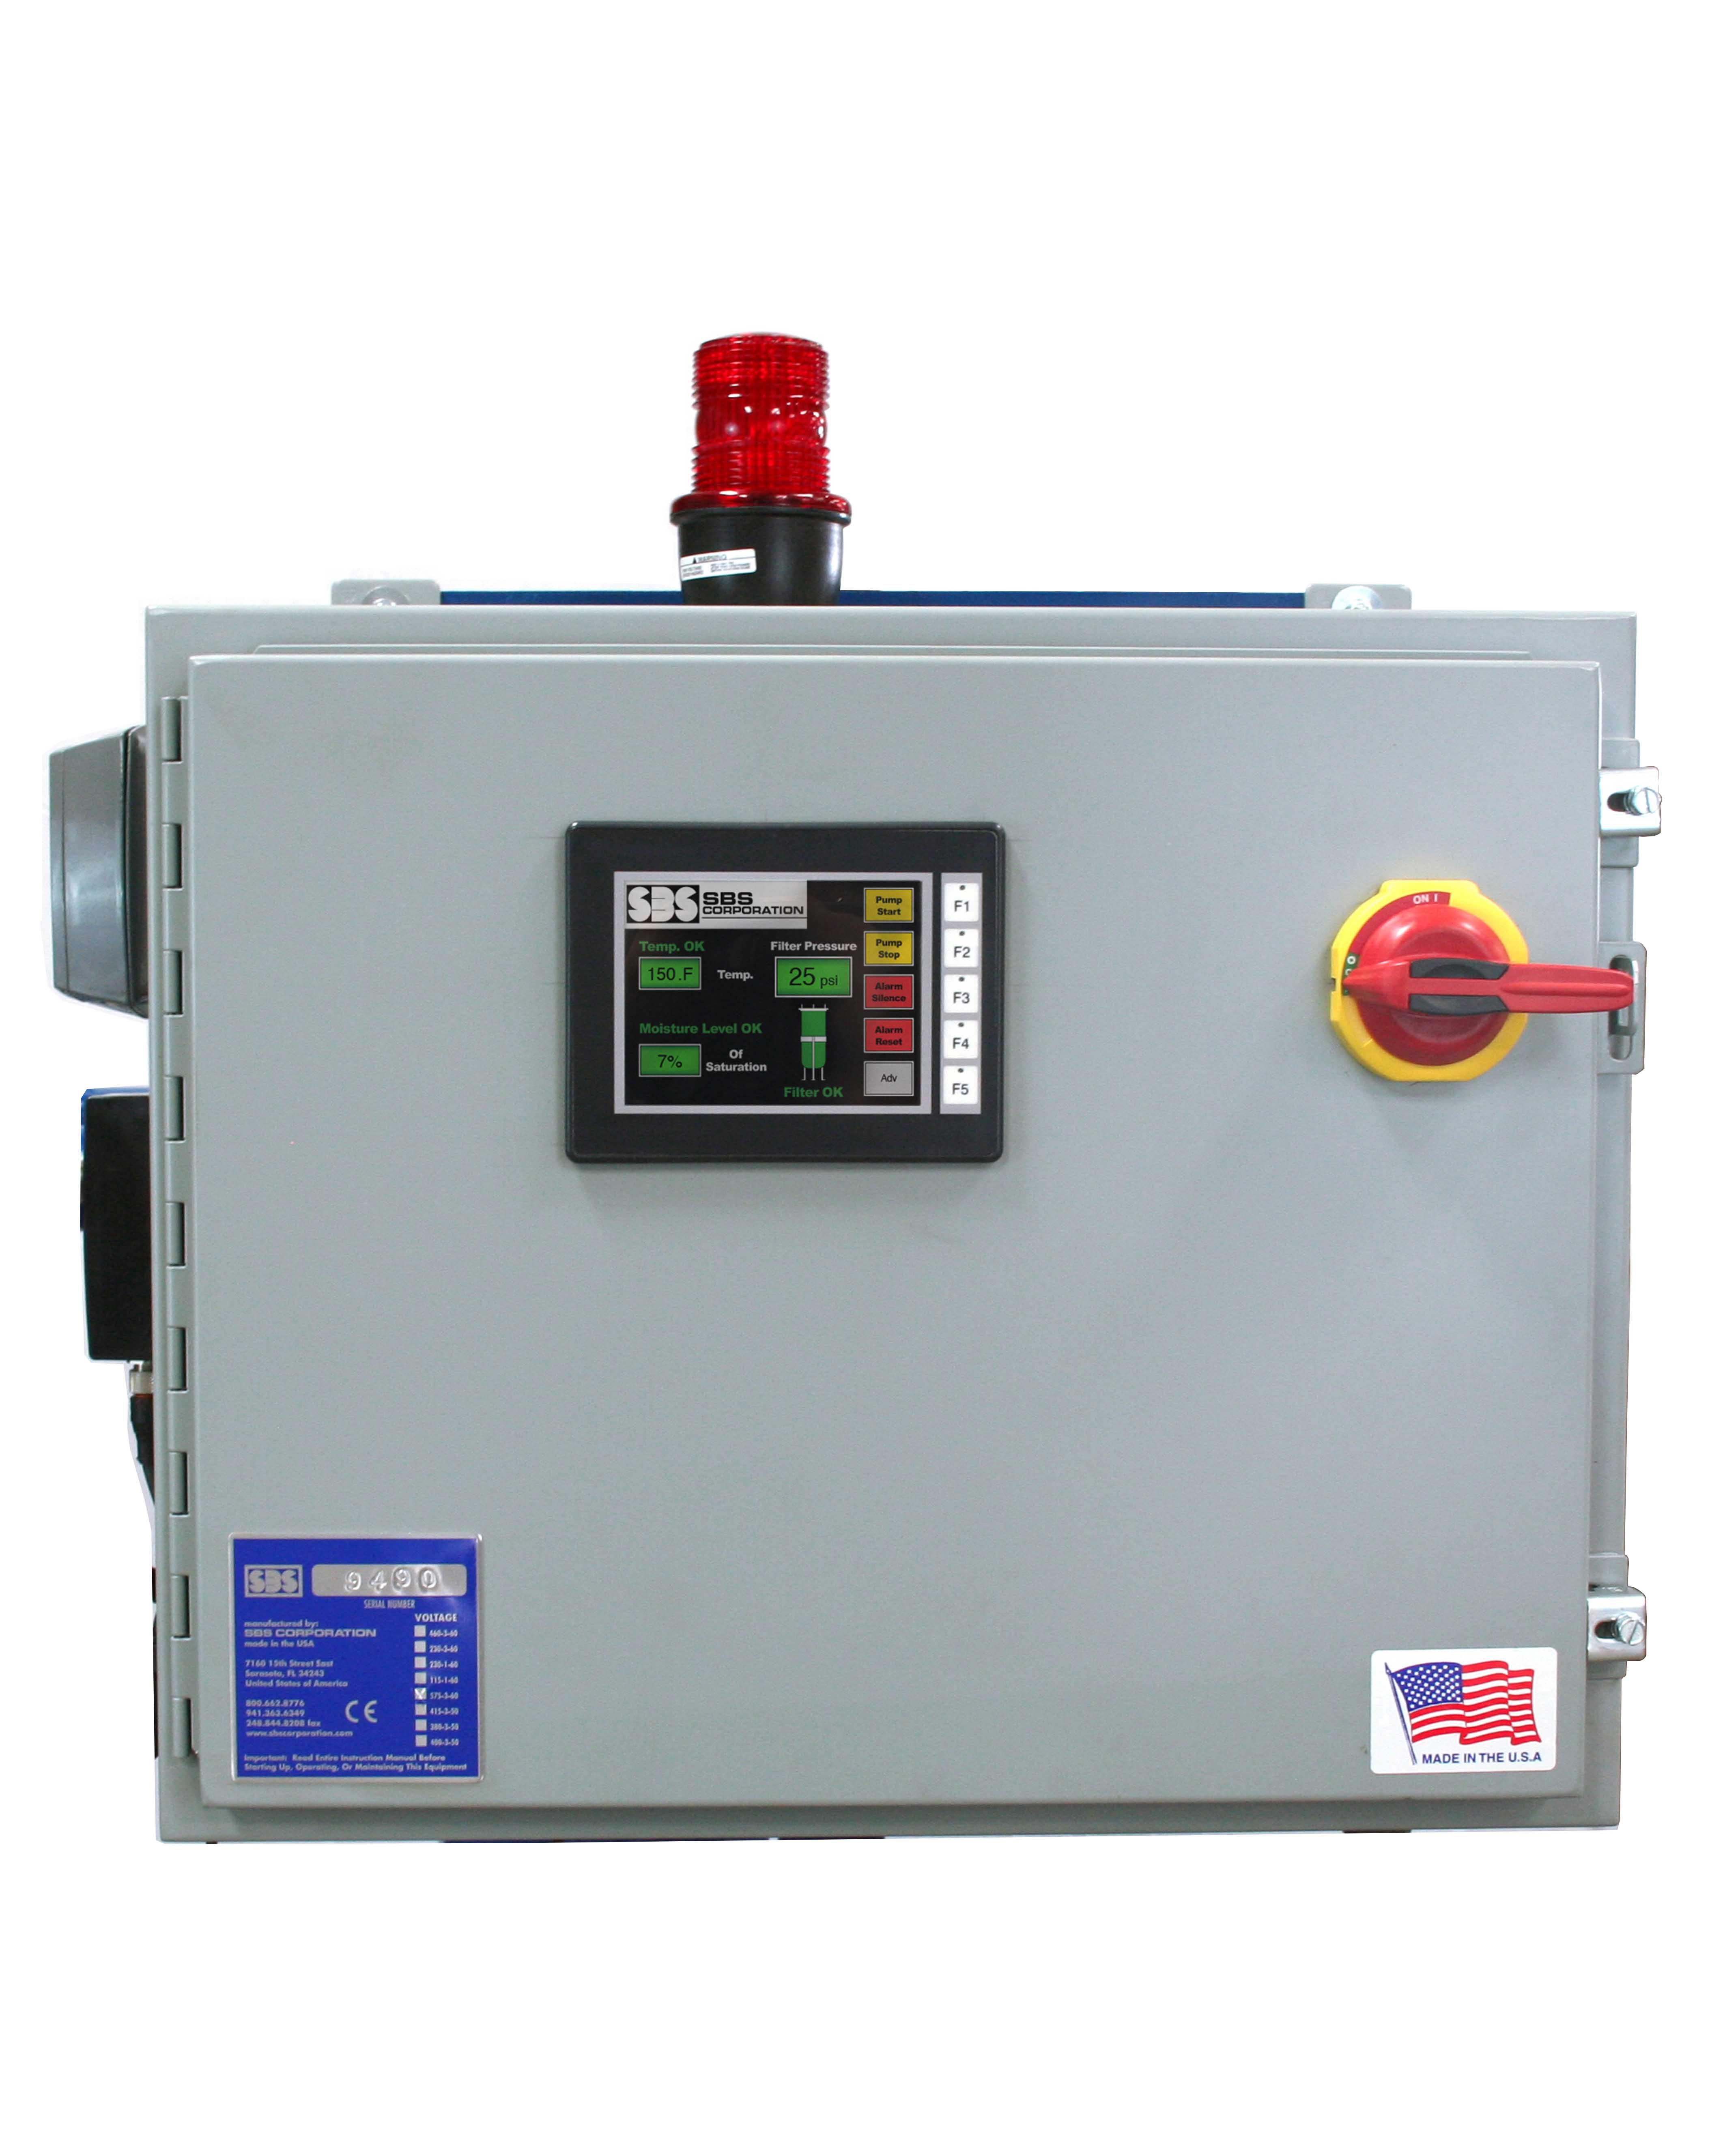 Aqua-Sense Control Panel